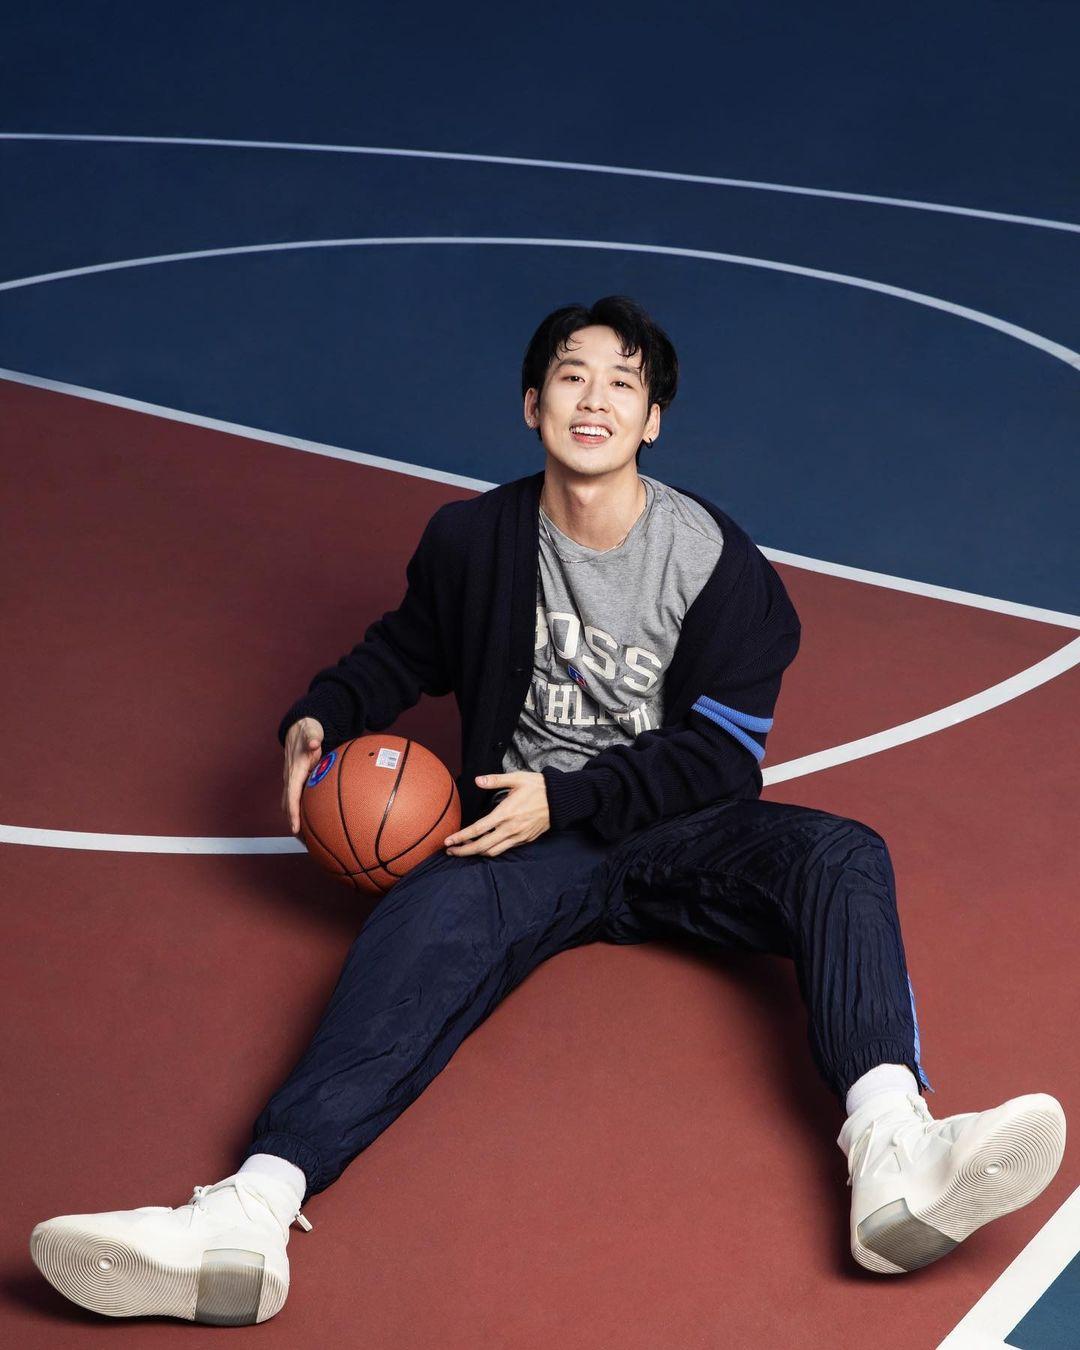 Tuấn Trần tạo dáng trên vạch 3 điểm với giày bóng rổ và full set đồ thể thao BOSS x Russell Athletic